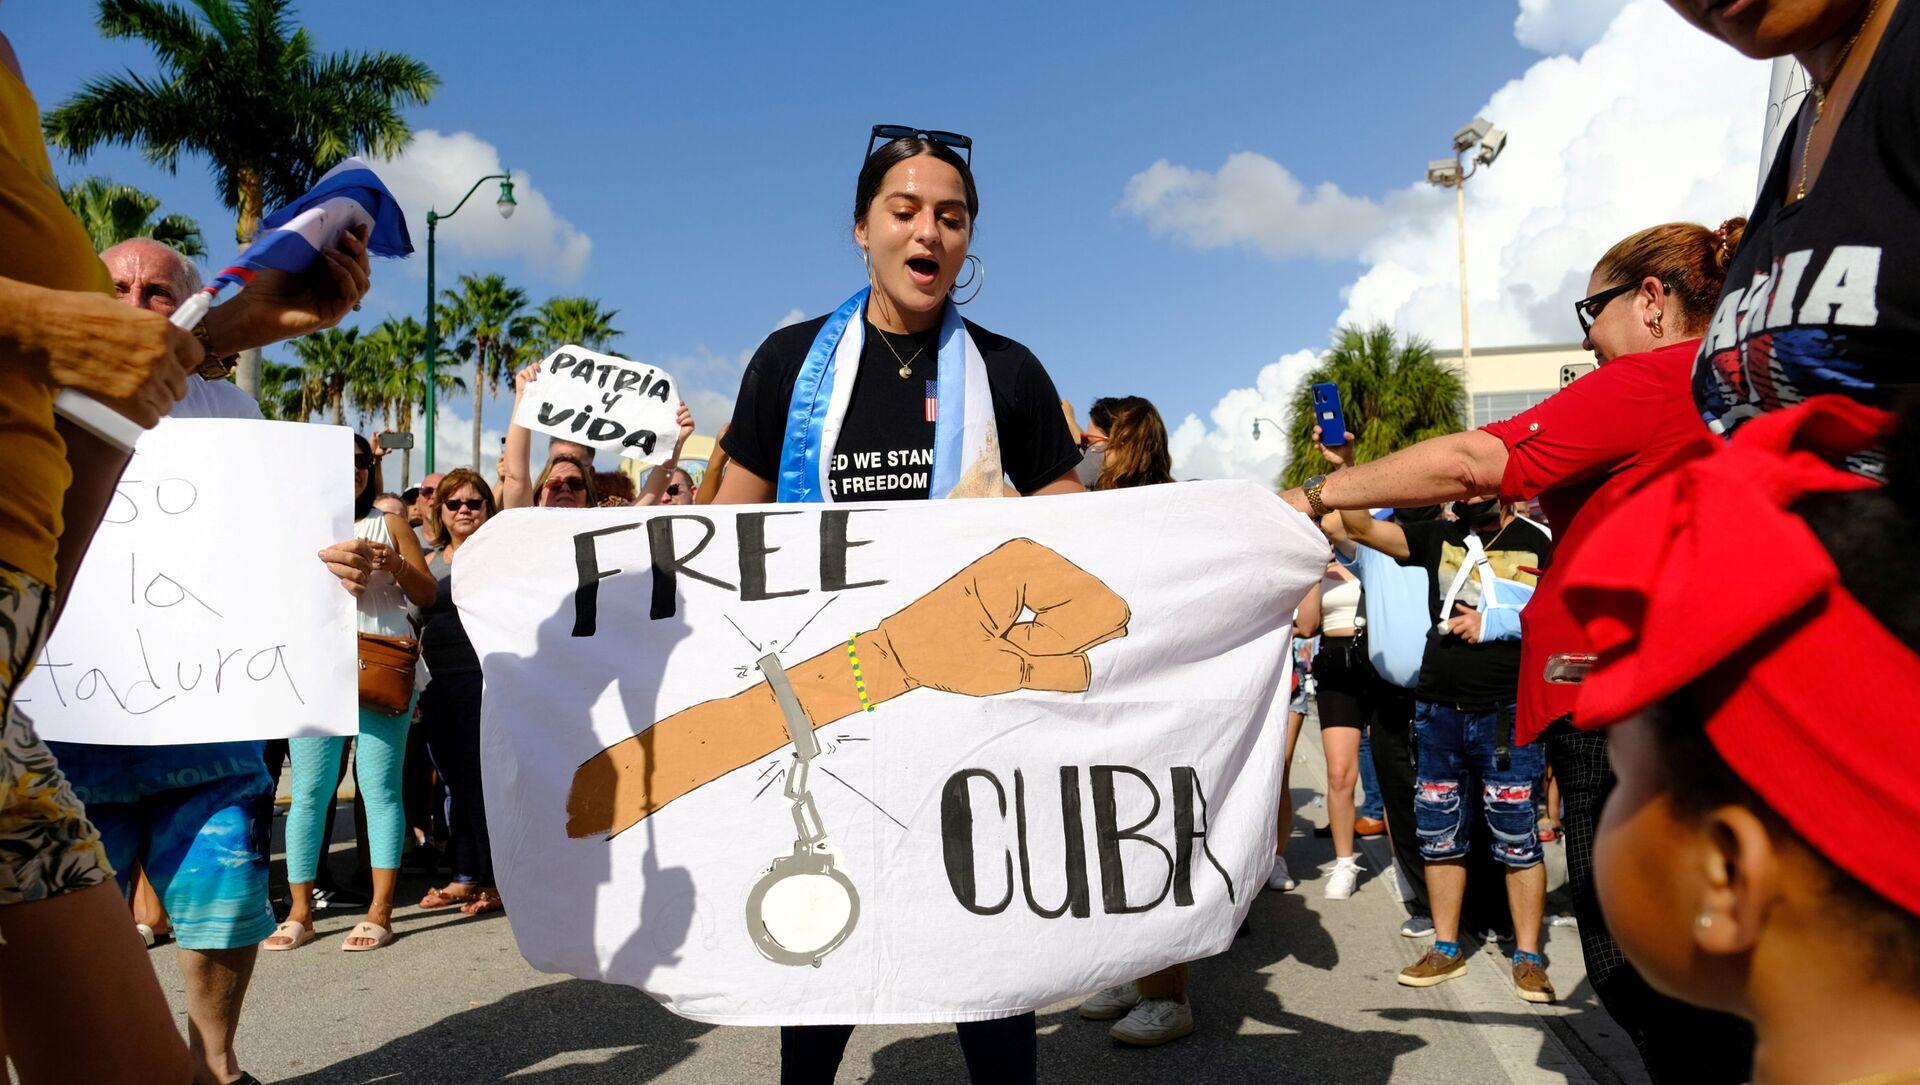 Những người di cư Cuba ở Little Havana phản ứng trước tin về các cuộc biểu tình diễn ra tại Cuba chống lại nền kinh tế đang suy thoái, Miami, Florida, Hoa Kỳ, ngày 11 tháng Bảy năm 2021. - Sputnik Việt Nam, 1920, 16.07.2021